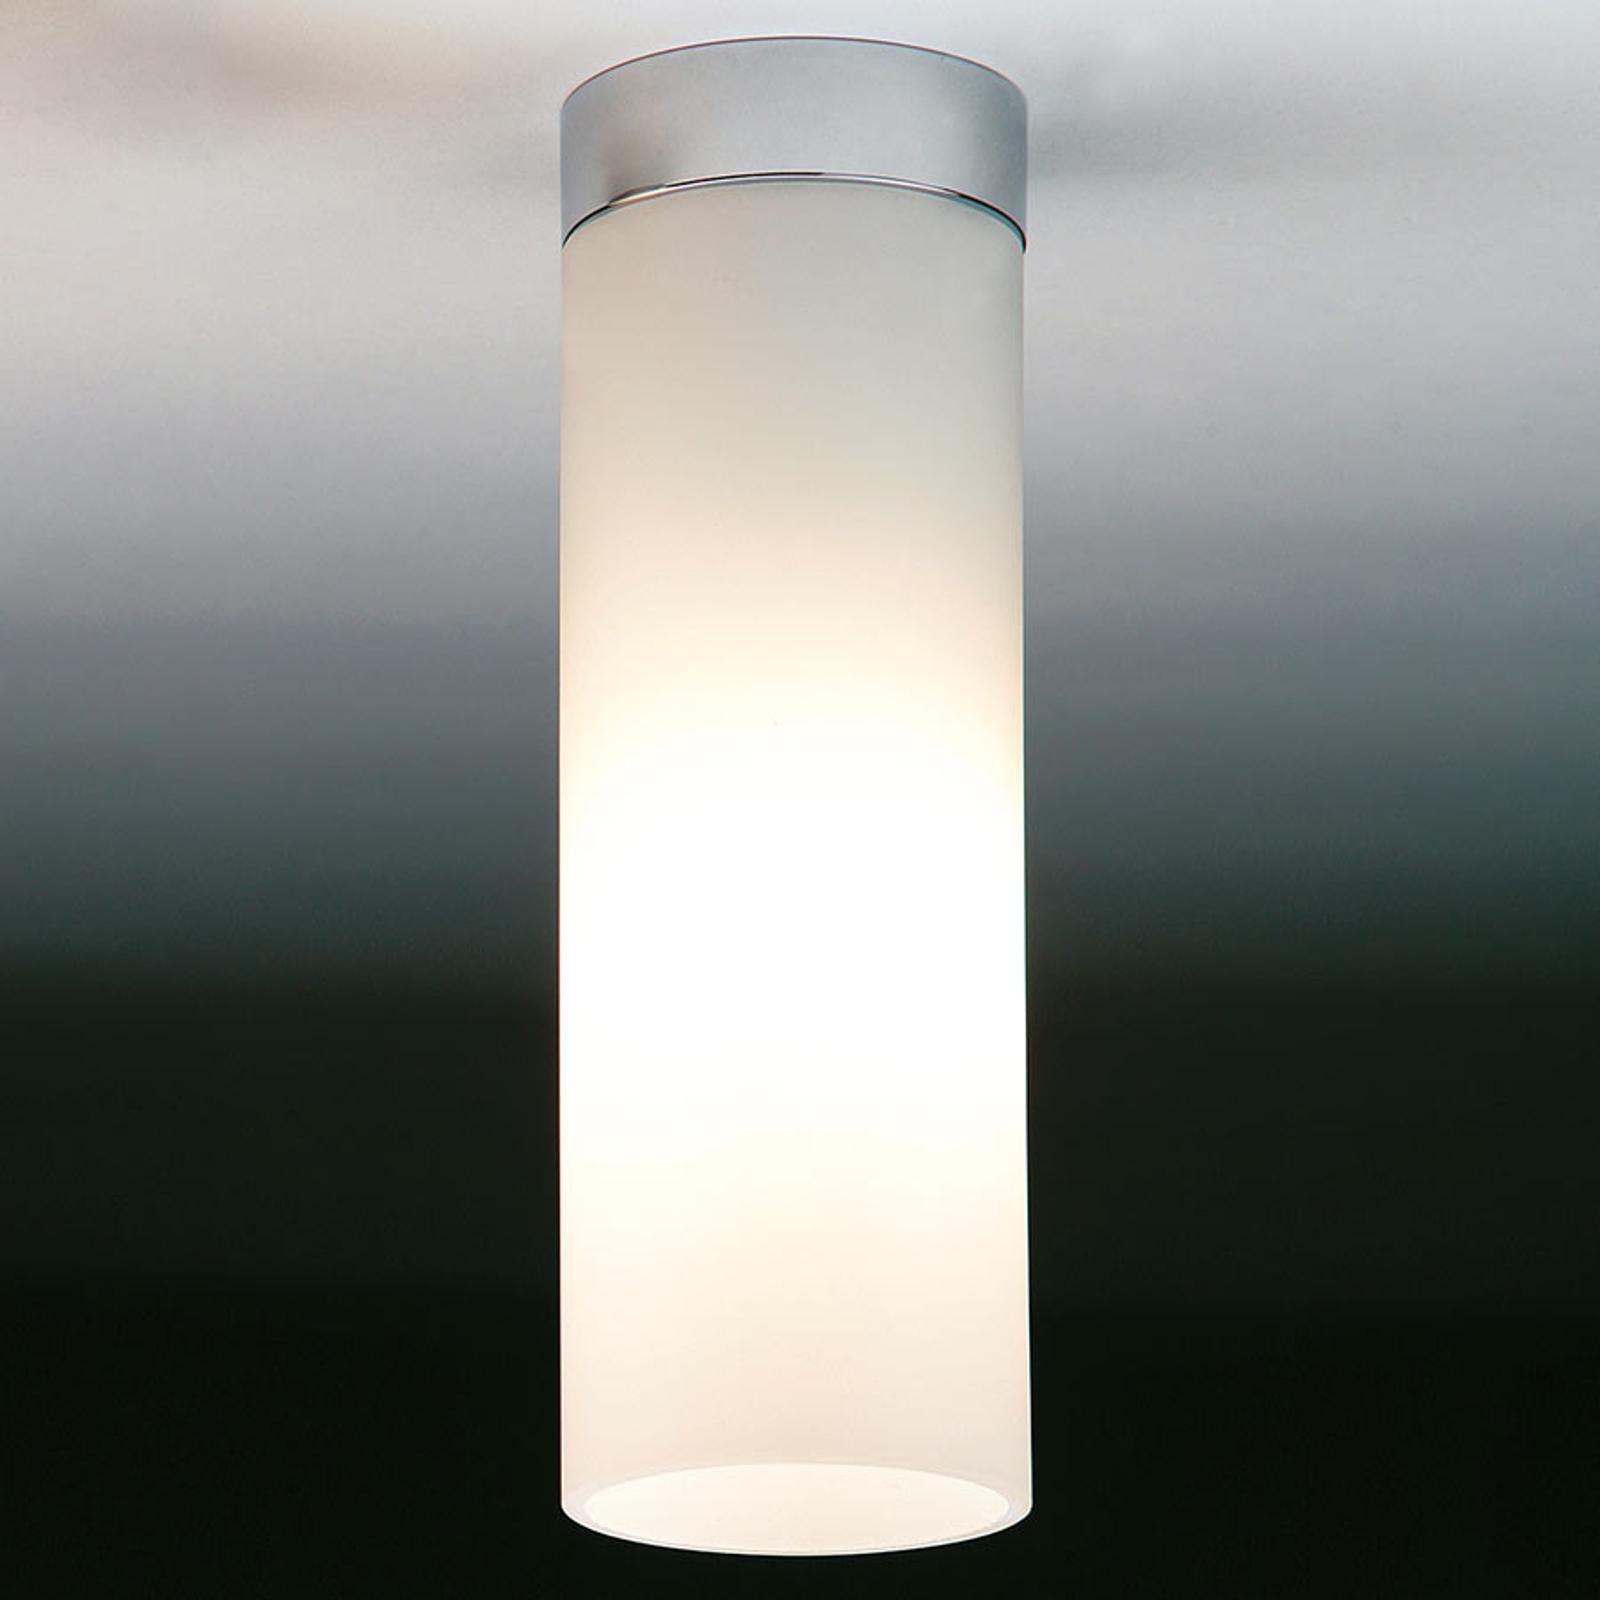 Biała matowa lampa sufitowa DELA BOX, nikiel mat